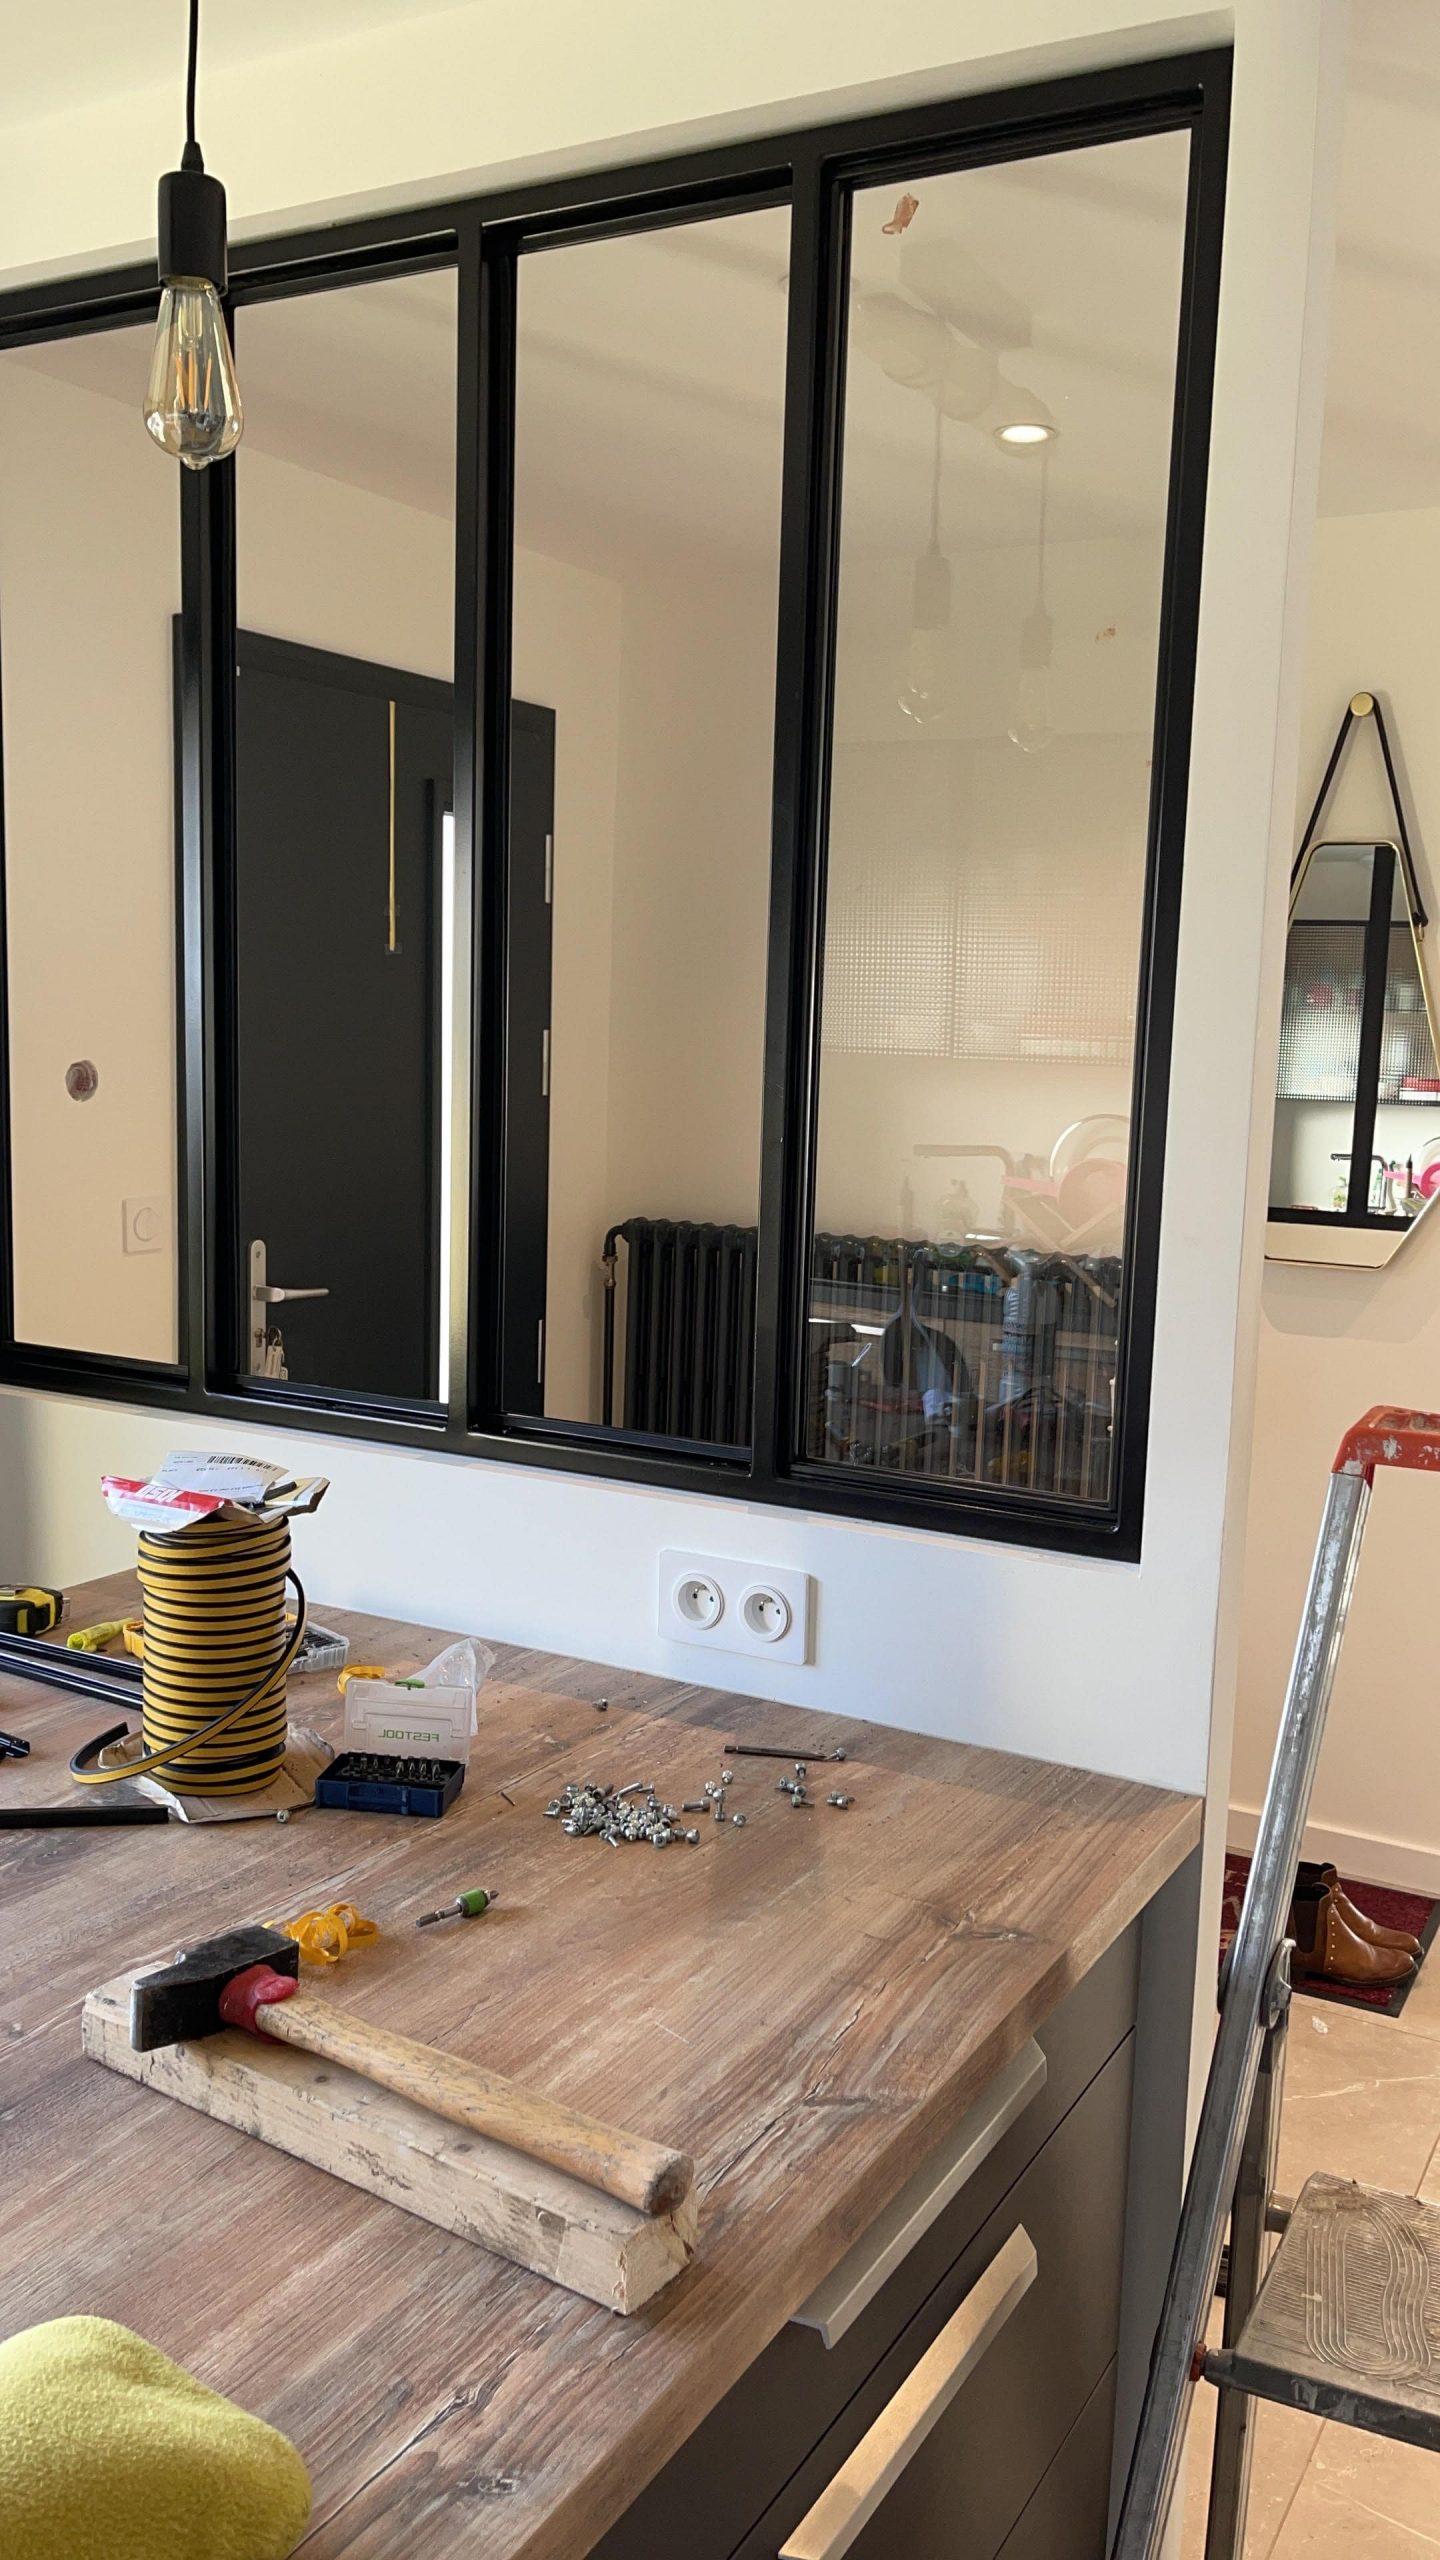 Création d'une cloison séparatrice verrière d'une cuisine et d'un séjour à Muret par Renov'isol